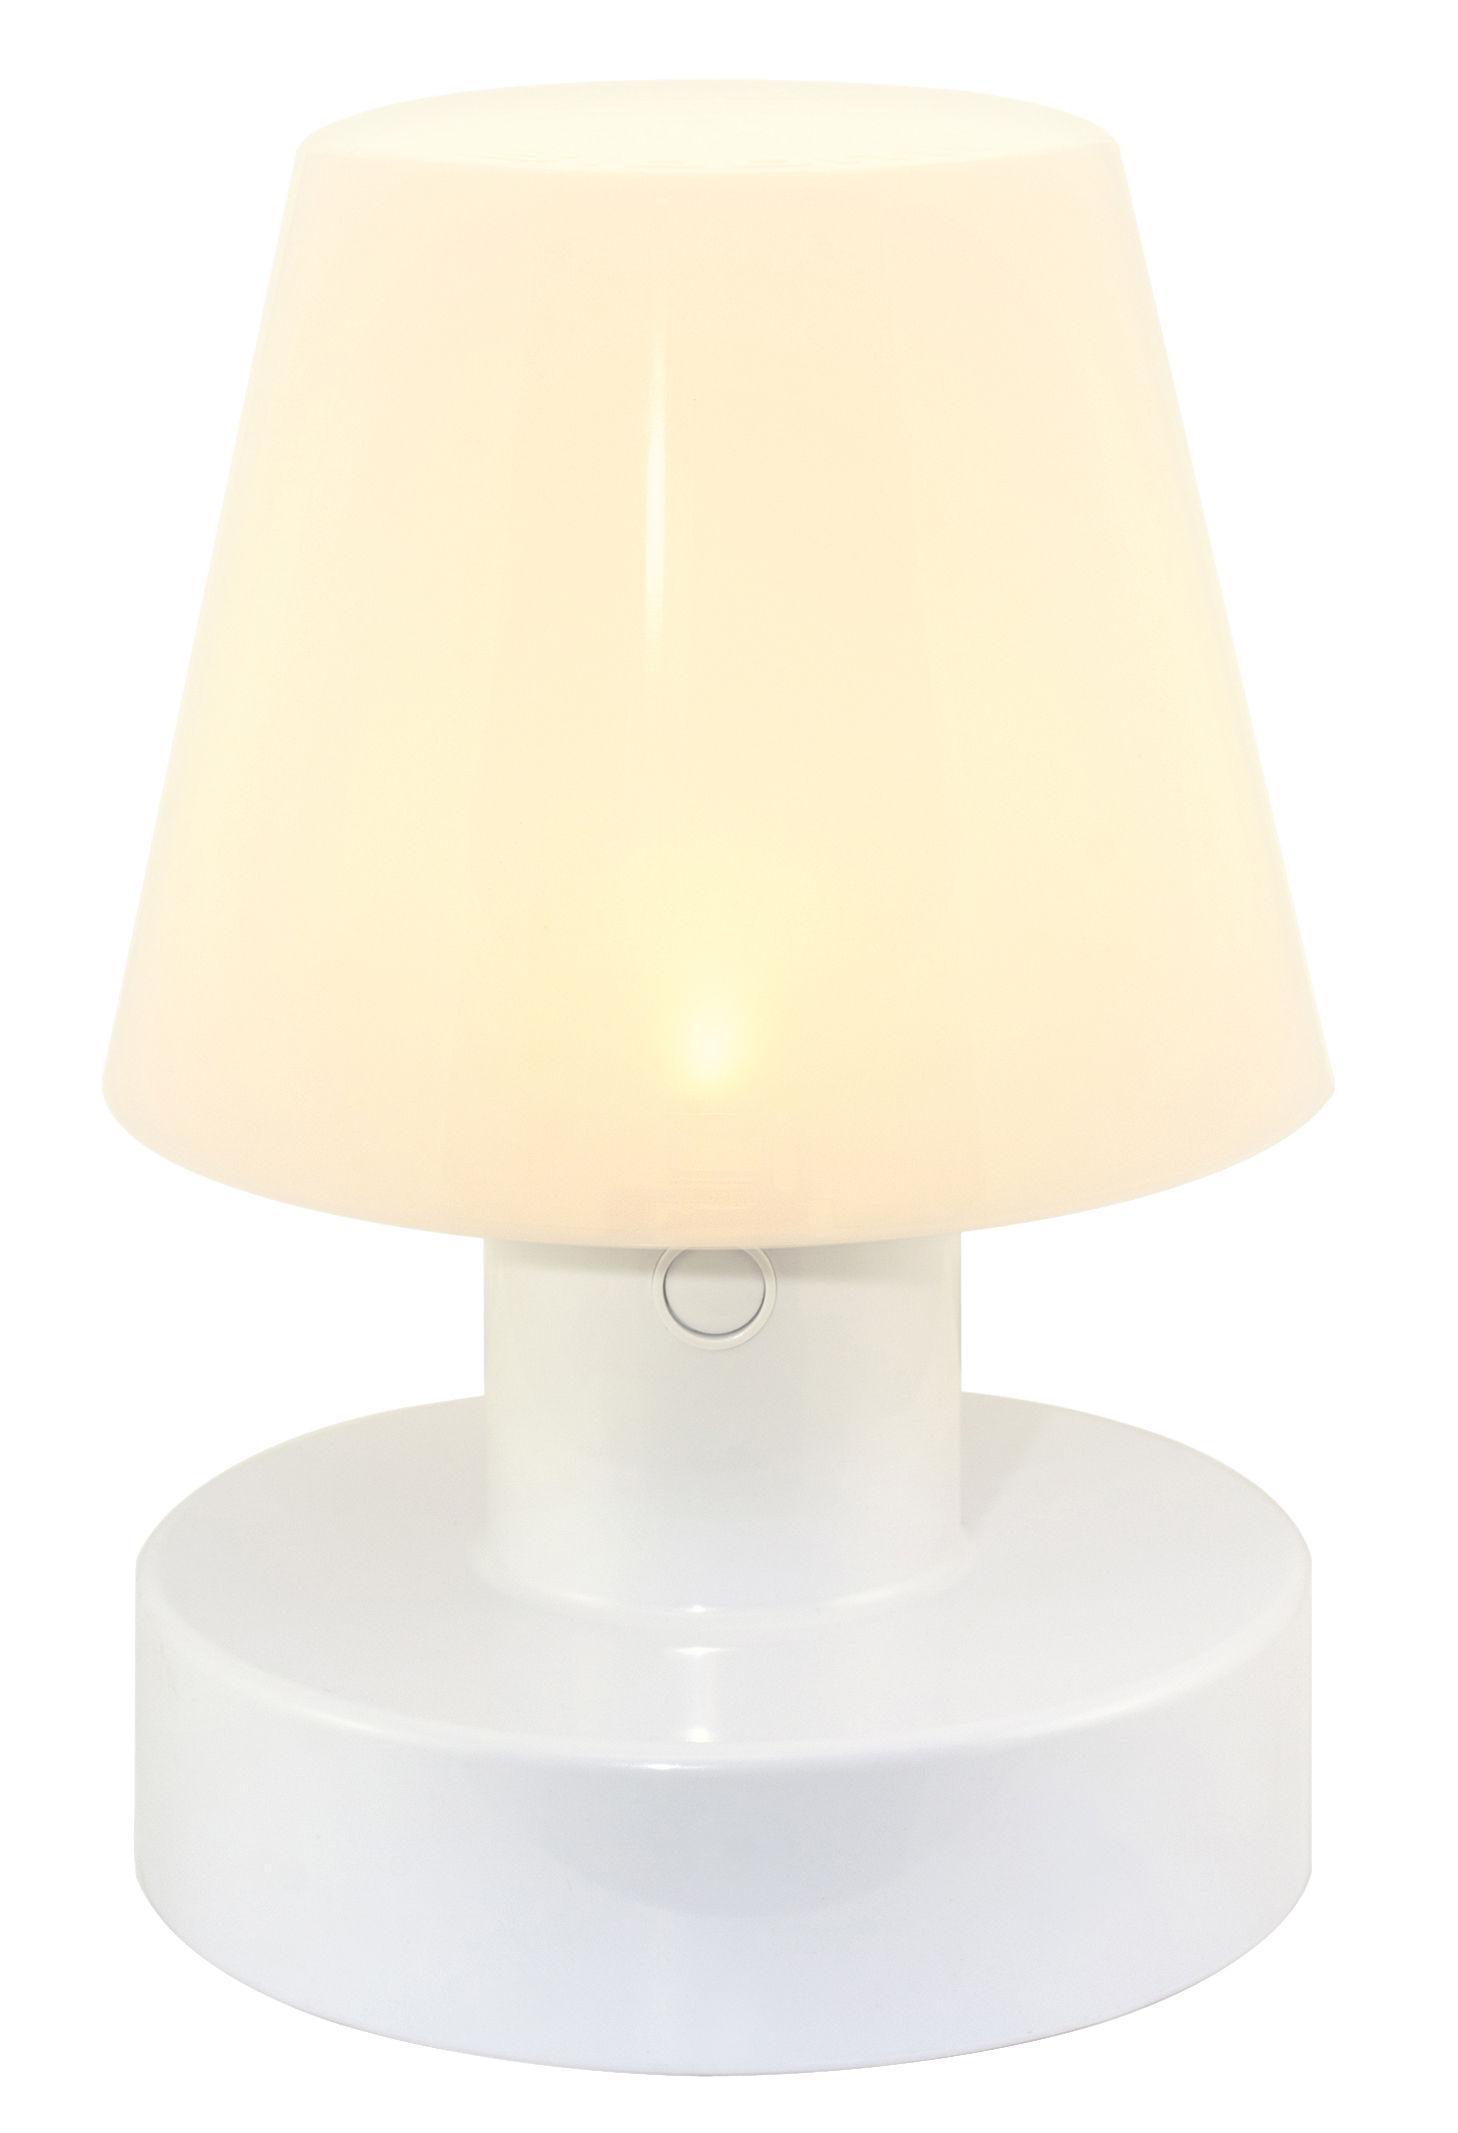 Luminaire - Lampes de table - Lampe solaire / Sans fil - H 20 cm - Bloom! - Blanc - Polyéthylène